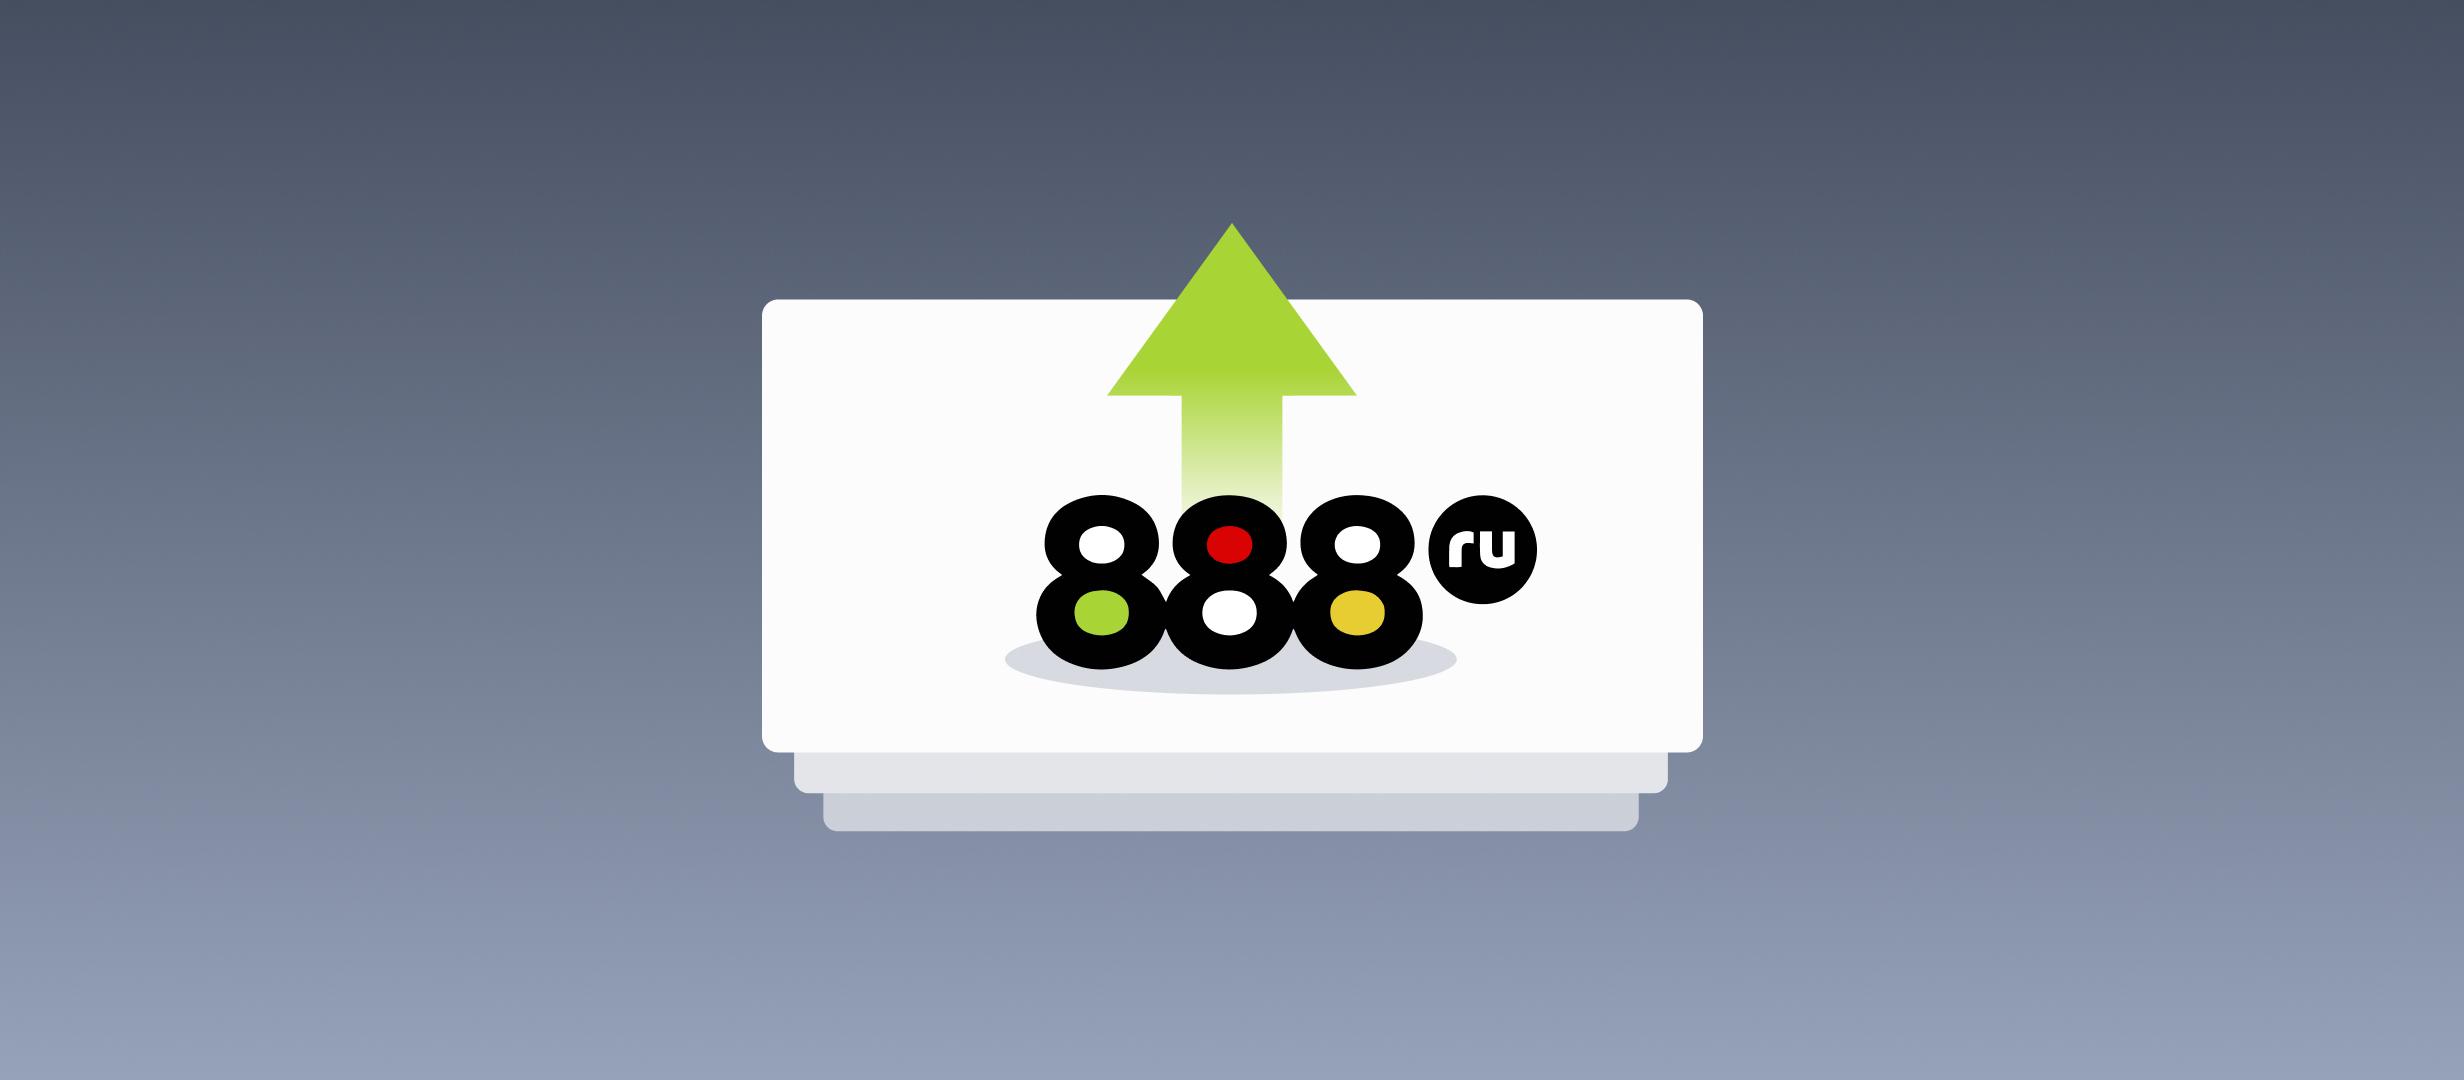 БК 888 планирует вернуться в топ-10 букмекерского рынка в 2022-м